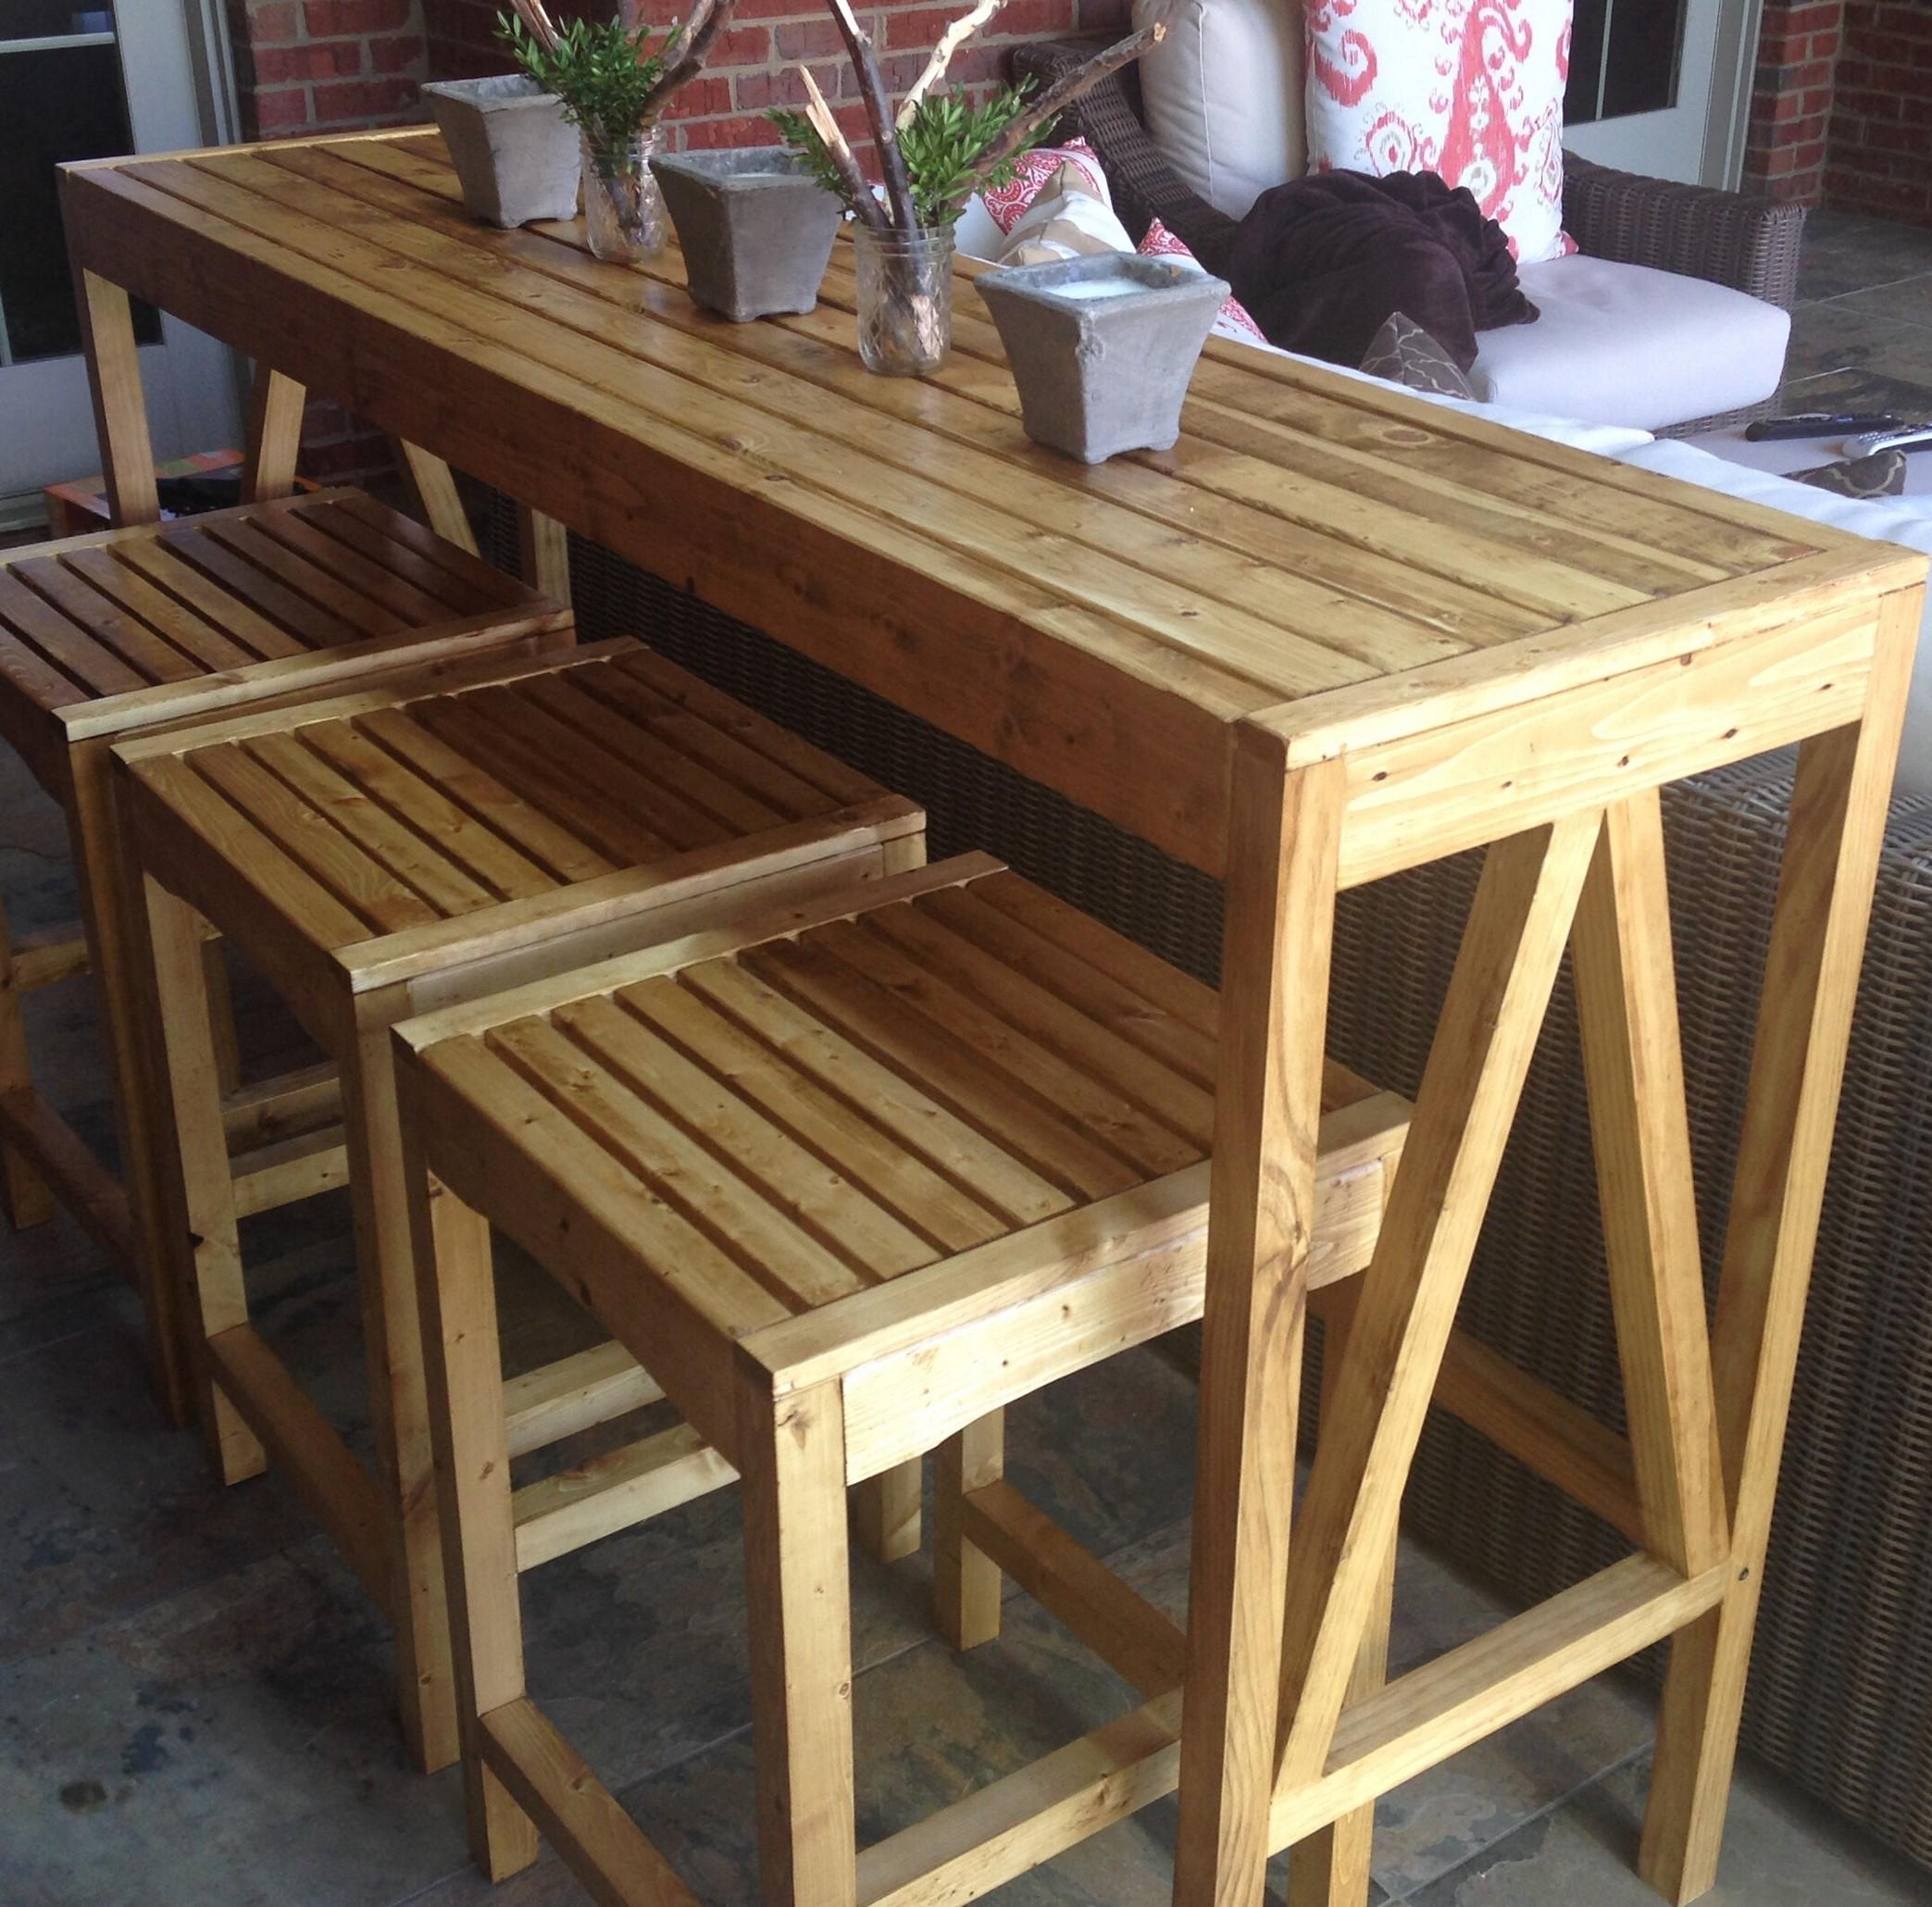 outdoor bar table design photo - 1